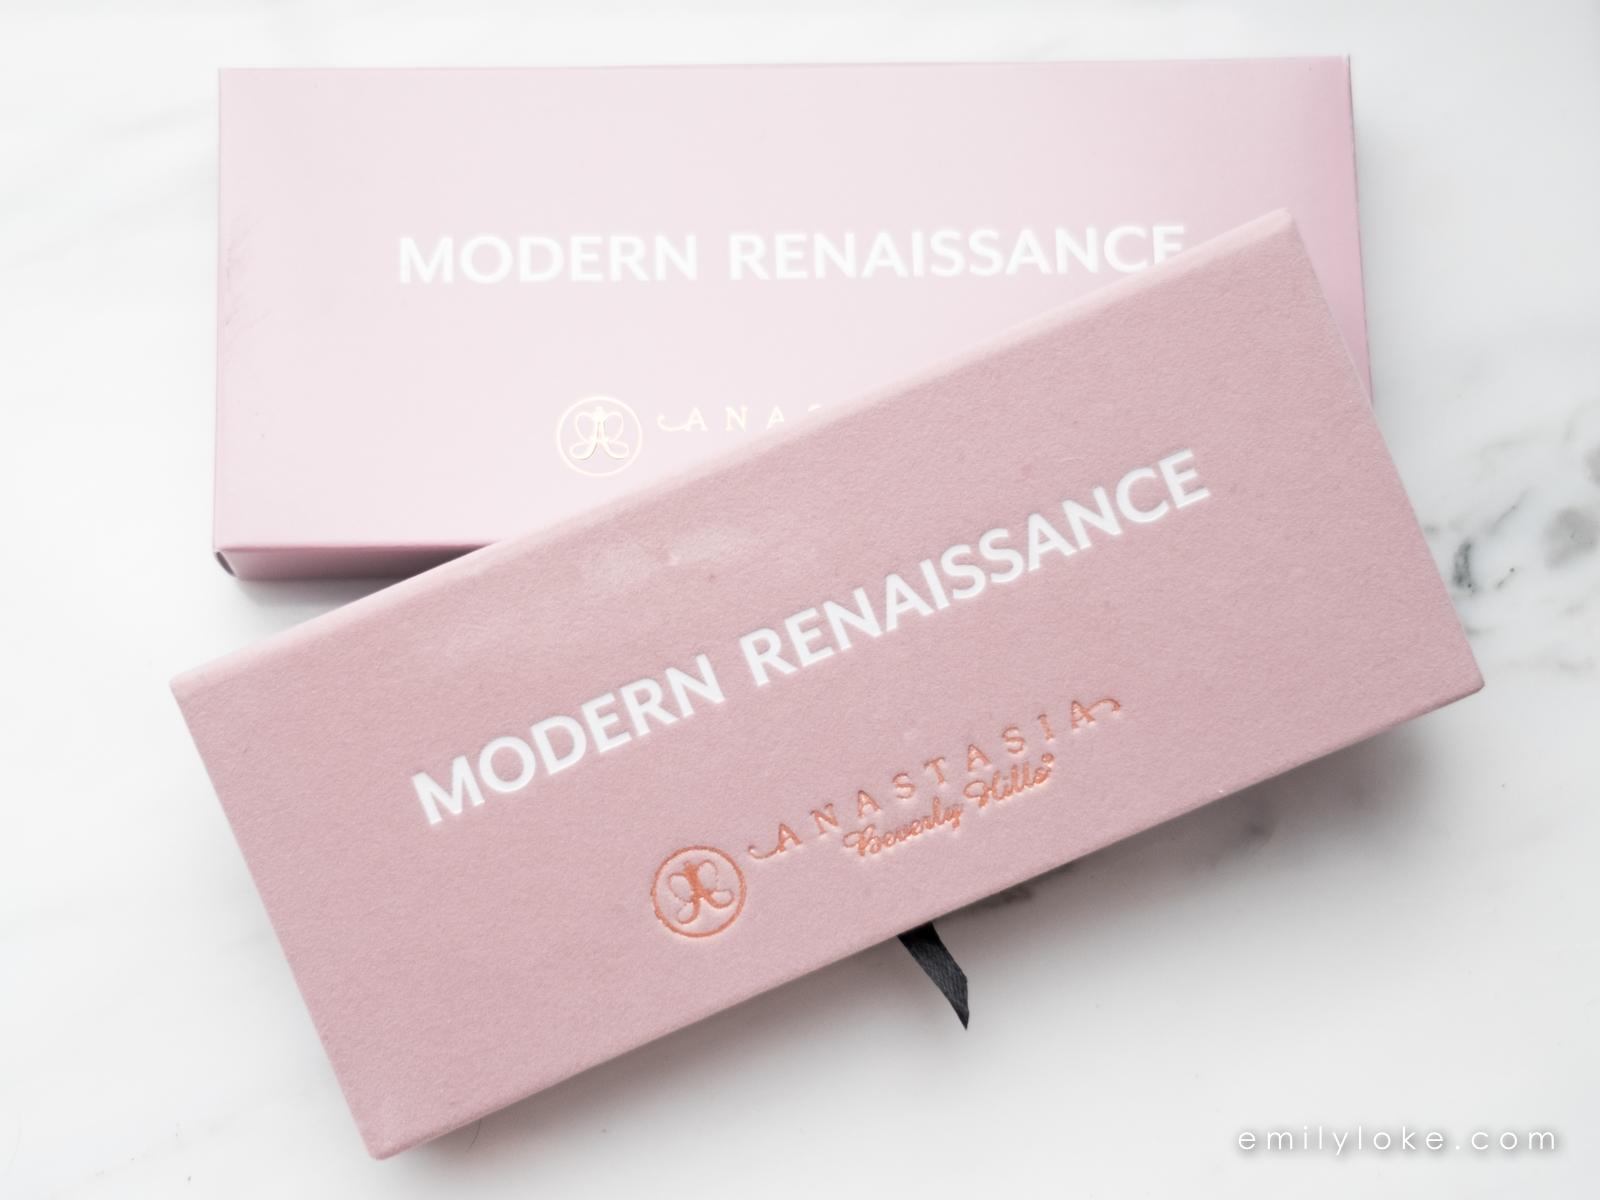 Modern Renaissance-1